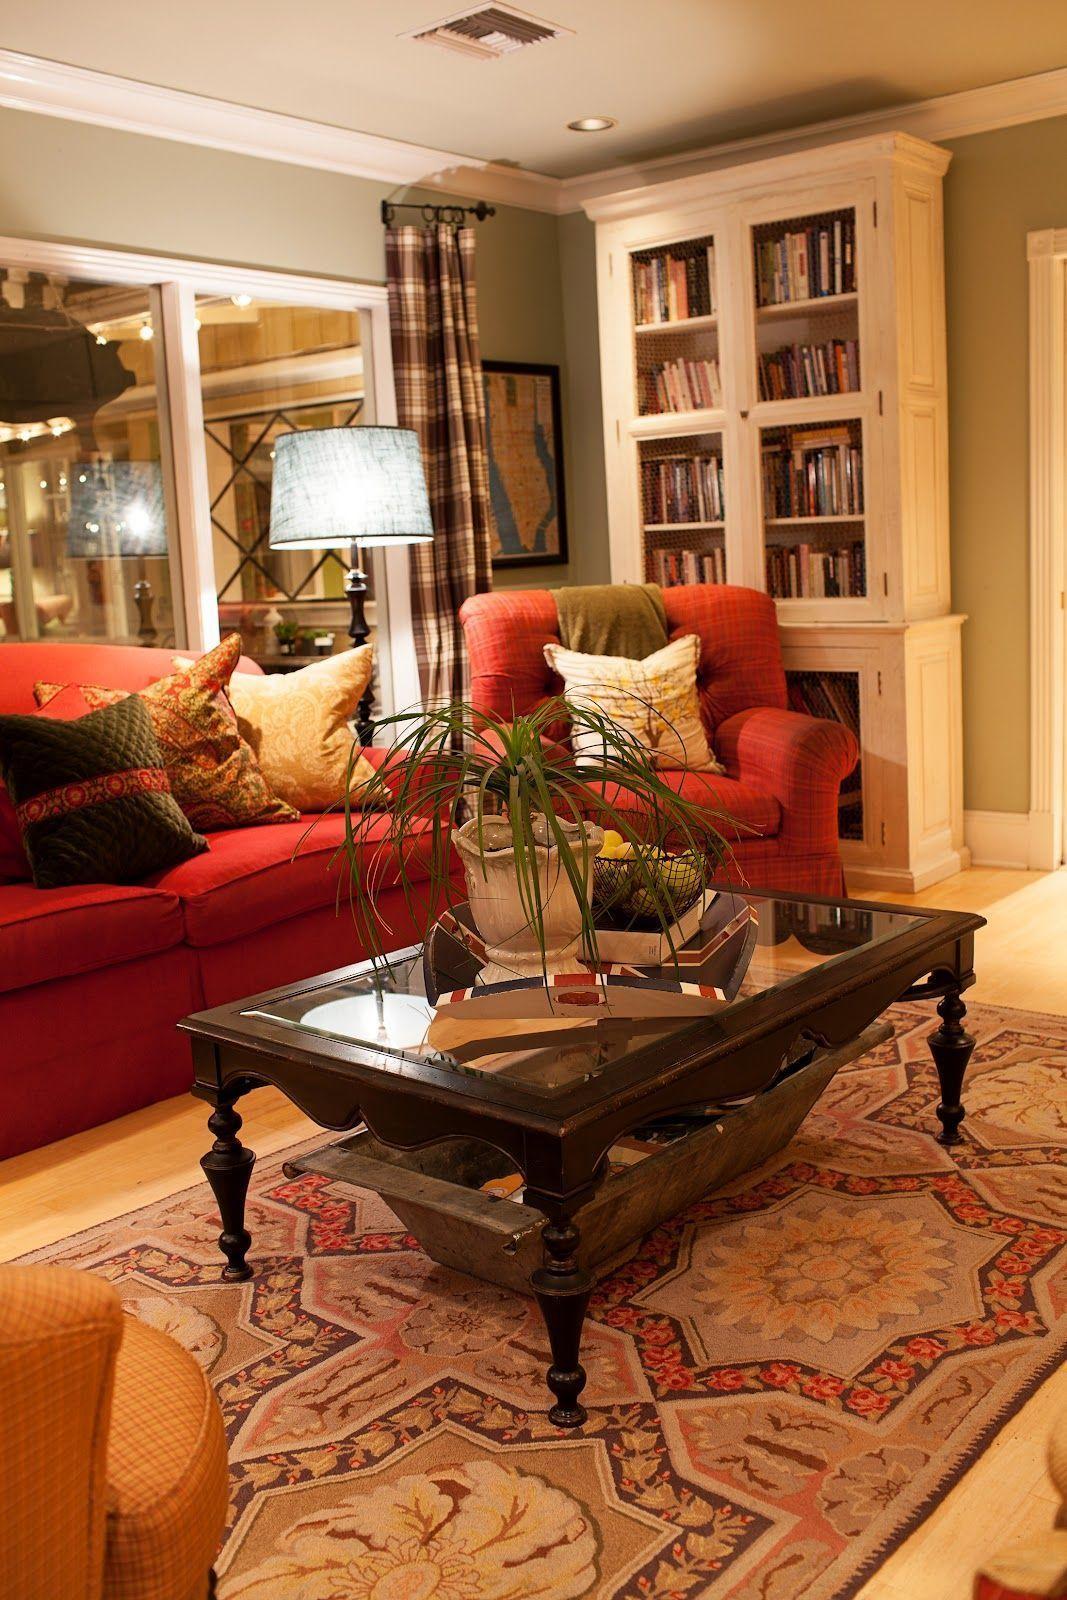 49 Amazing Living Room Ideas You Need To Try En 2020 Salons Rouges Decoration Salon Sejour Peinture Salon Camo living room decor